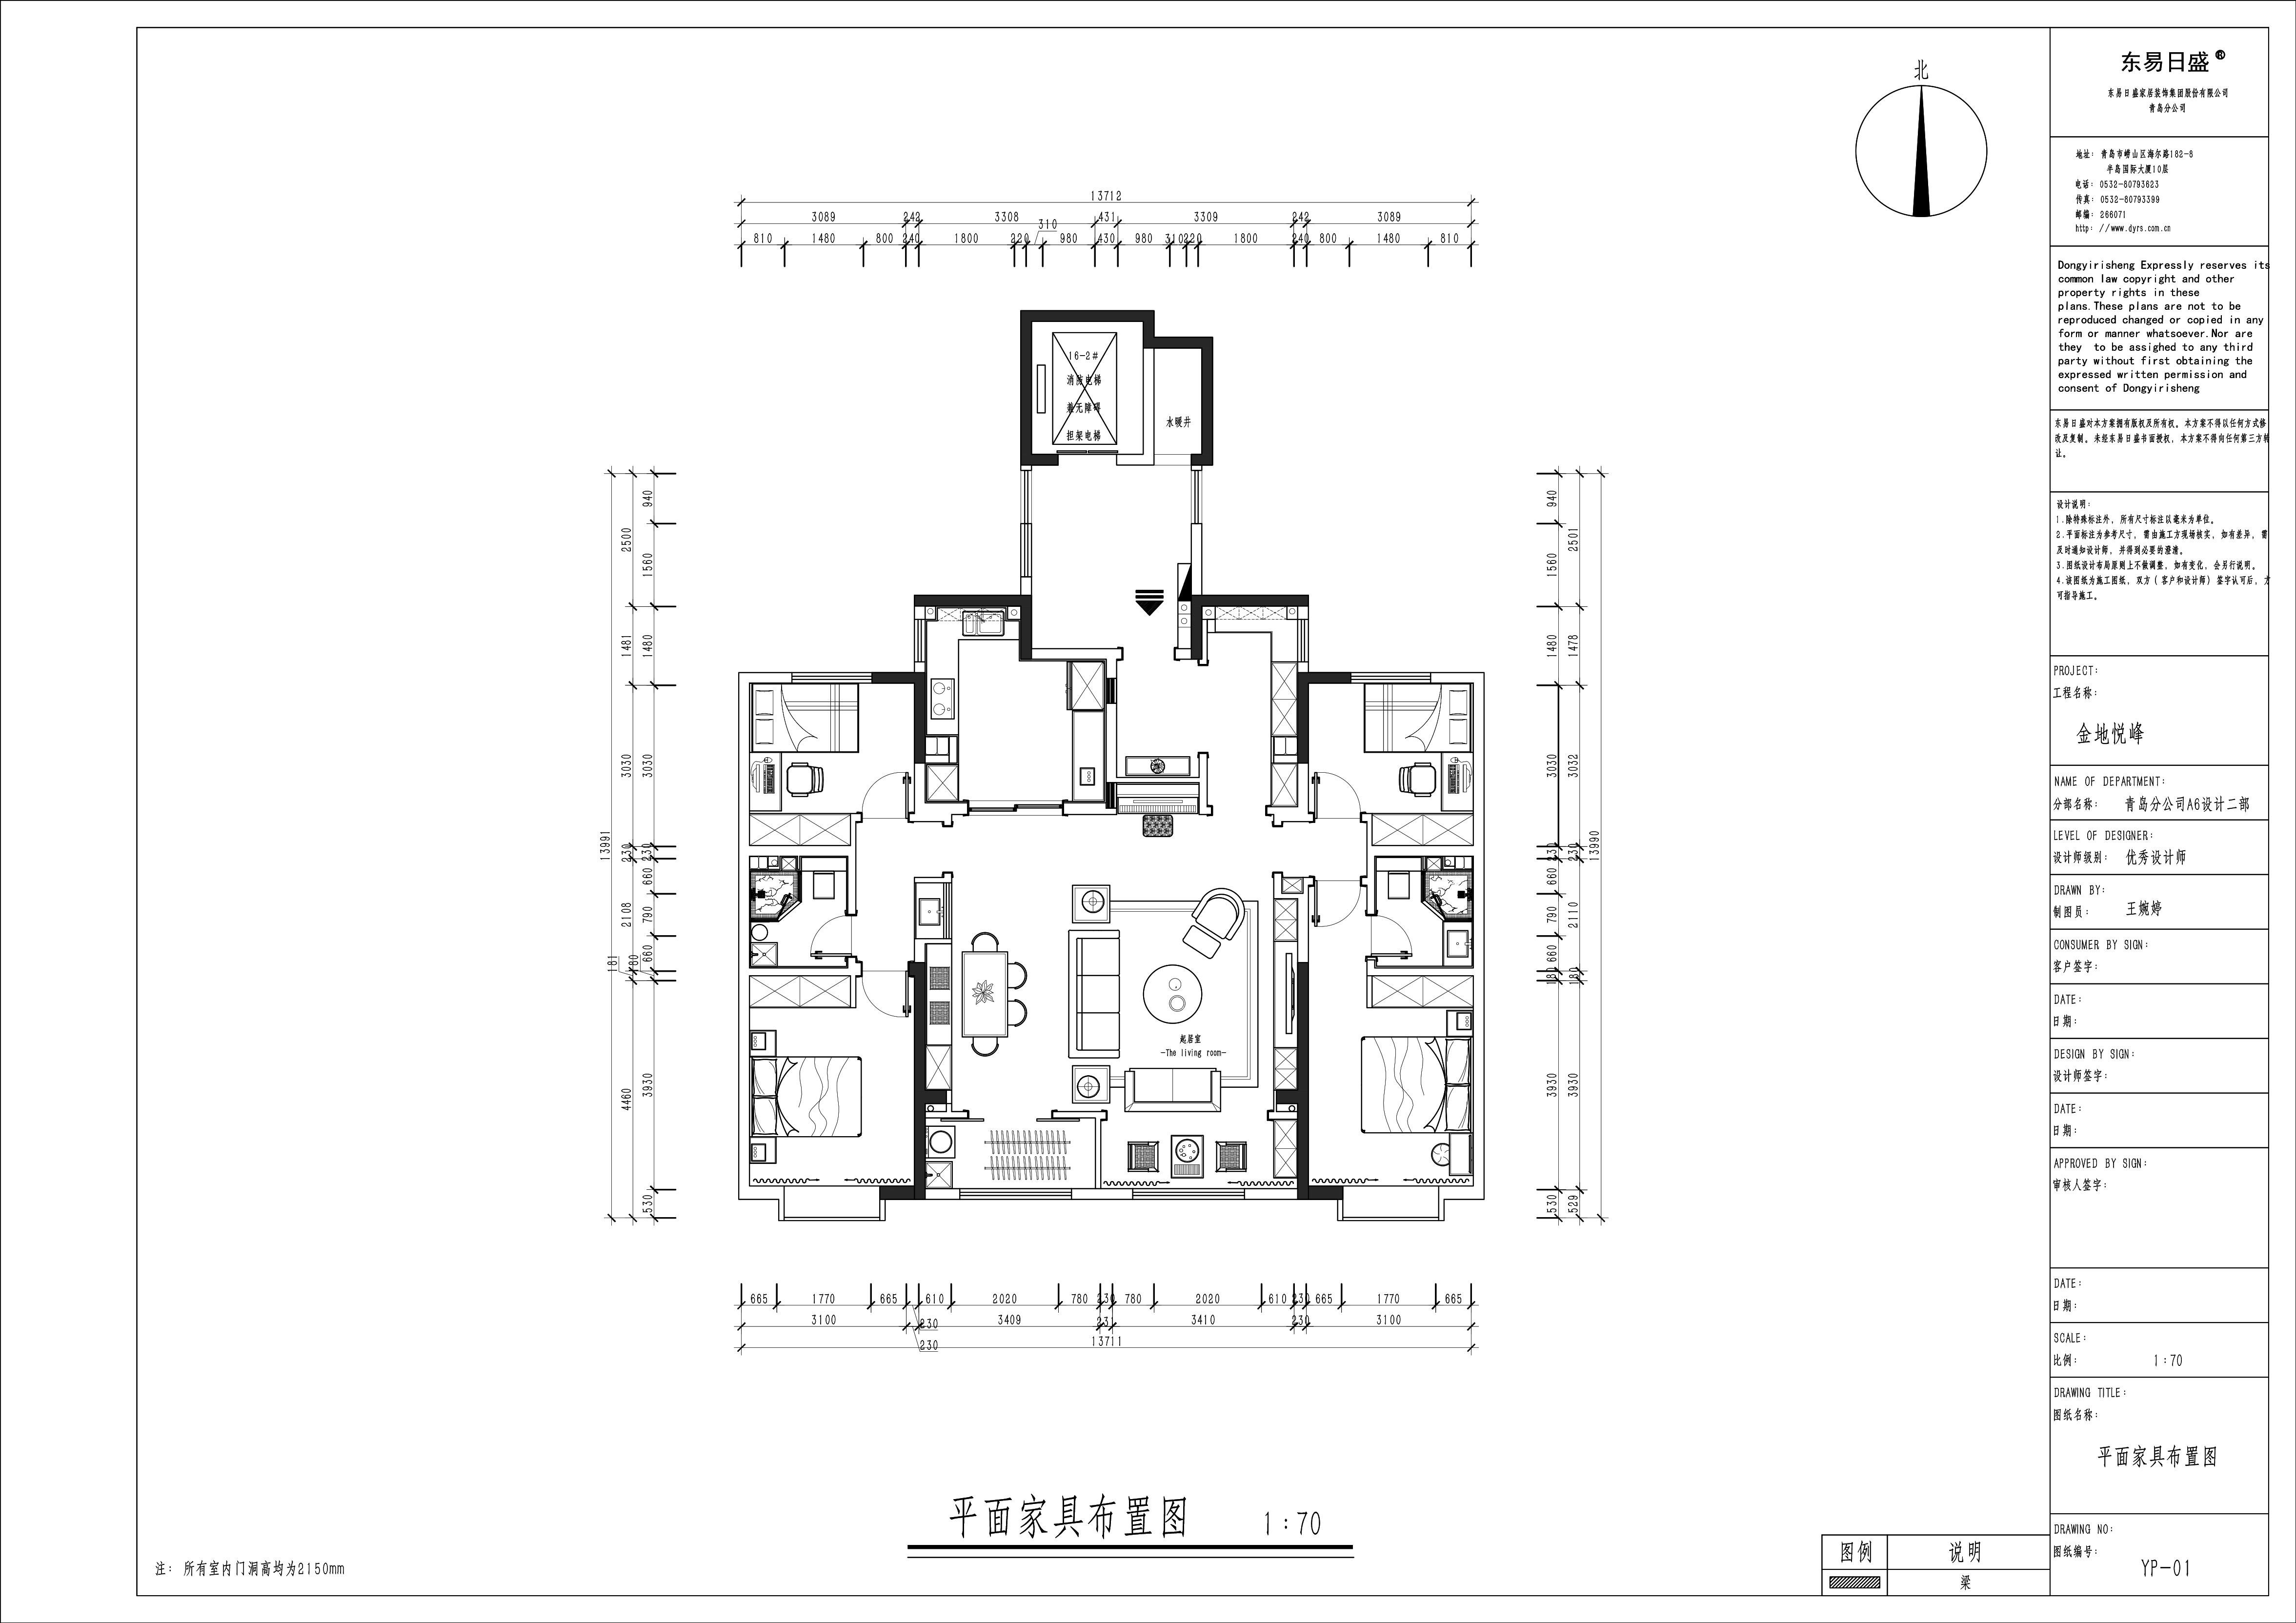 金地悦峰 176㎡ 简约美式装修设计理念